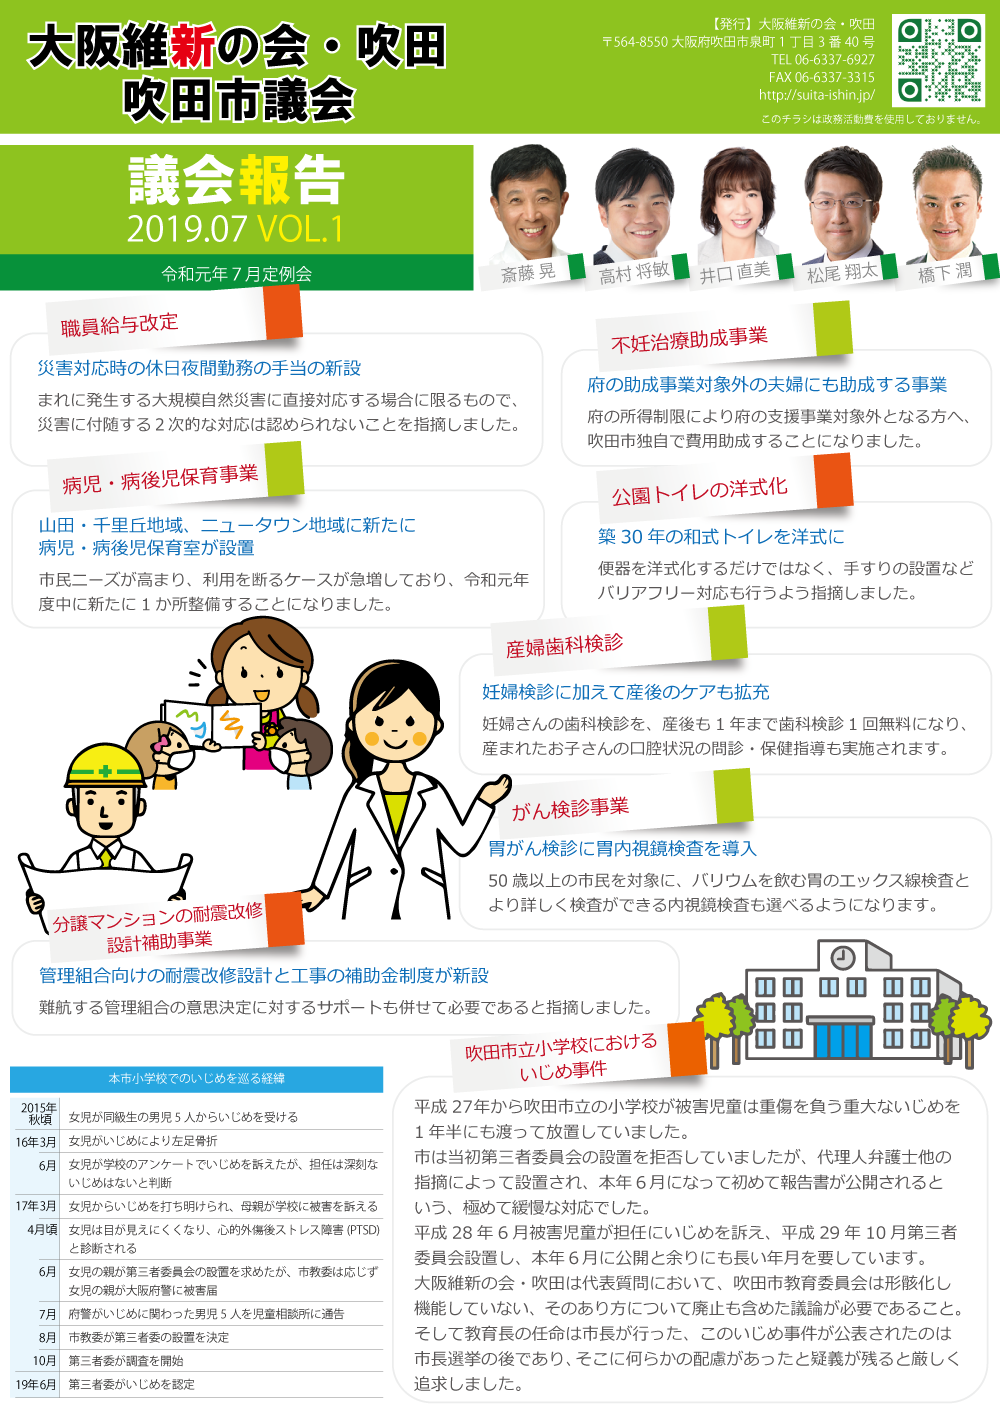 大阪維新の会・吹田 議会報告会派チラシ